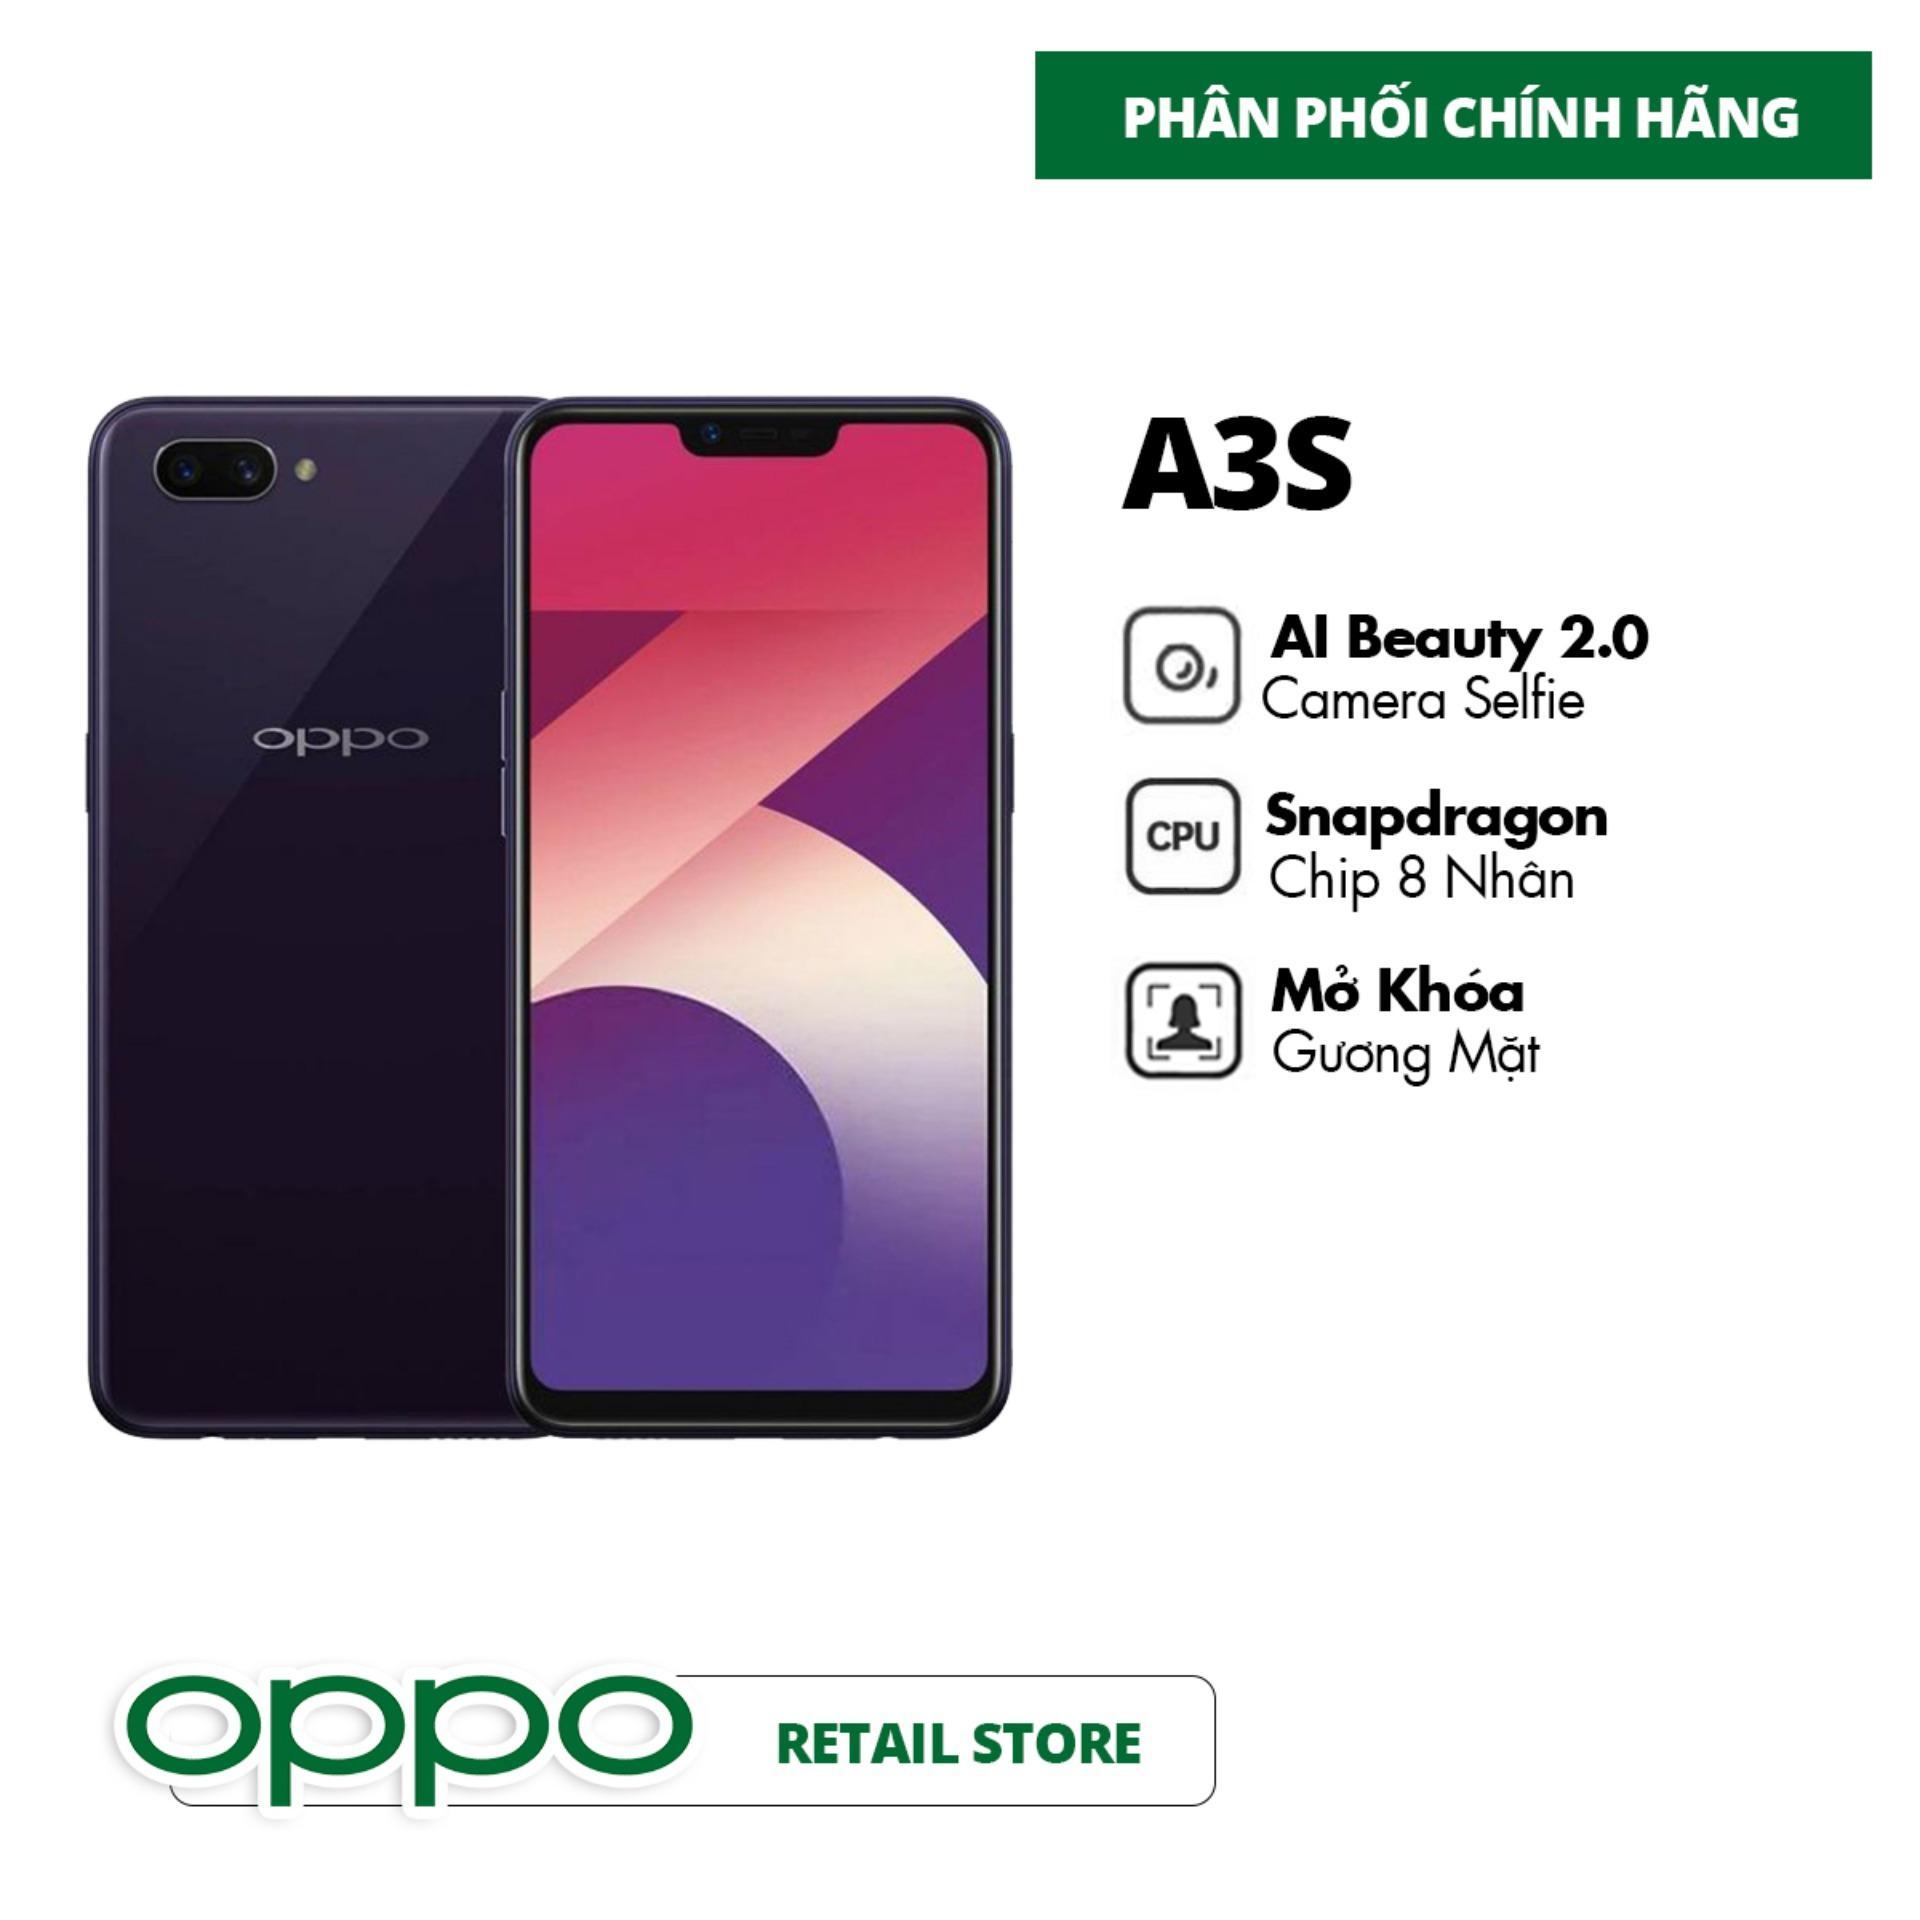 Điện Thoại OPPO A3S (3GB/32GB) - Hàng Chính Hãng